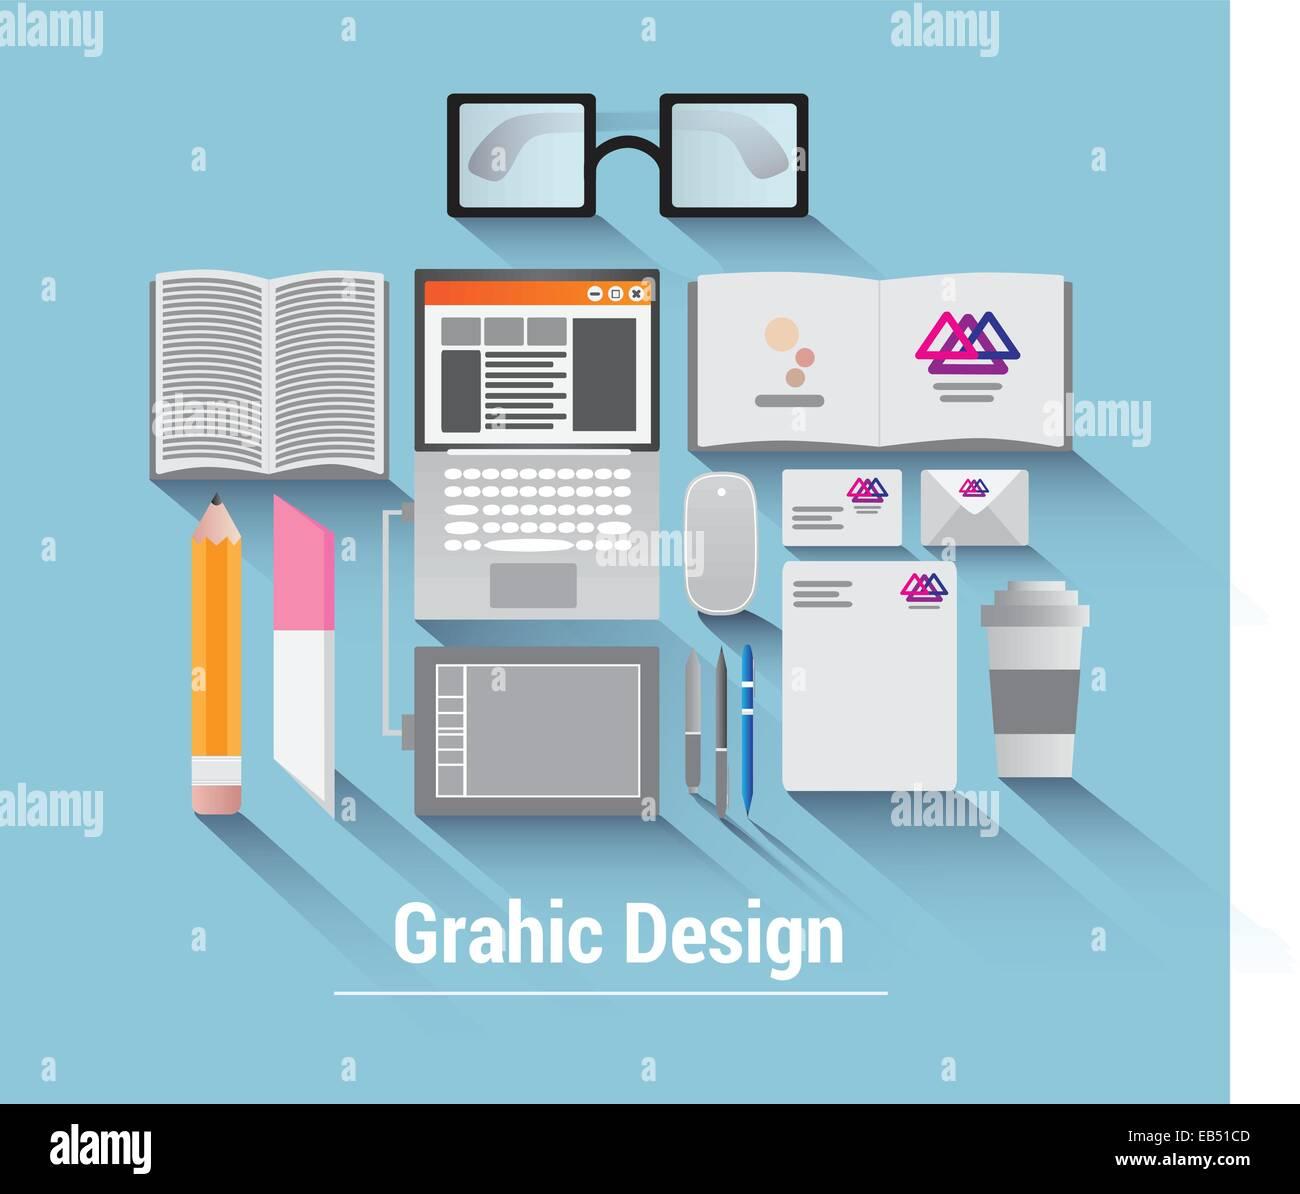 Grafik-Design-Vektor Stockbild